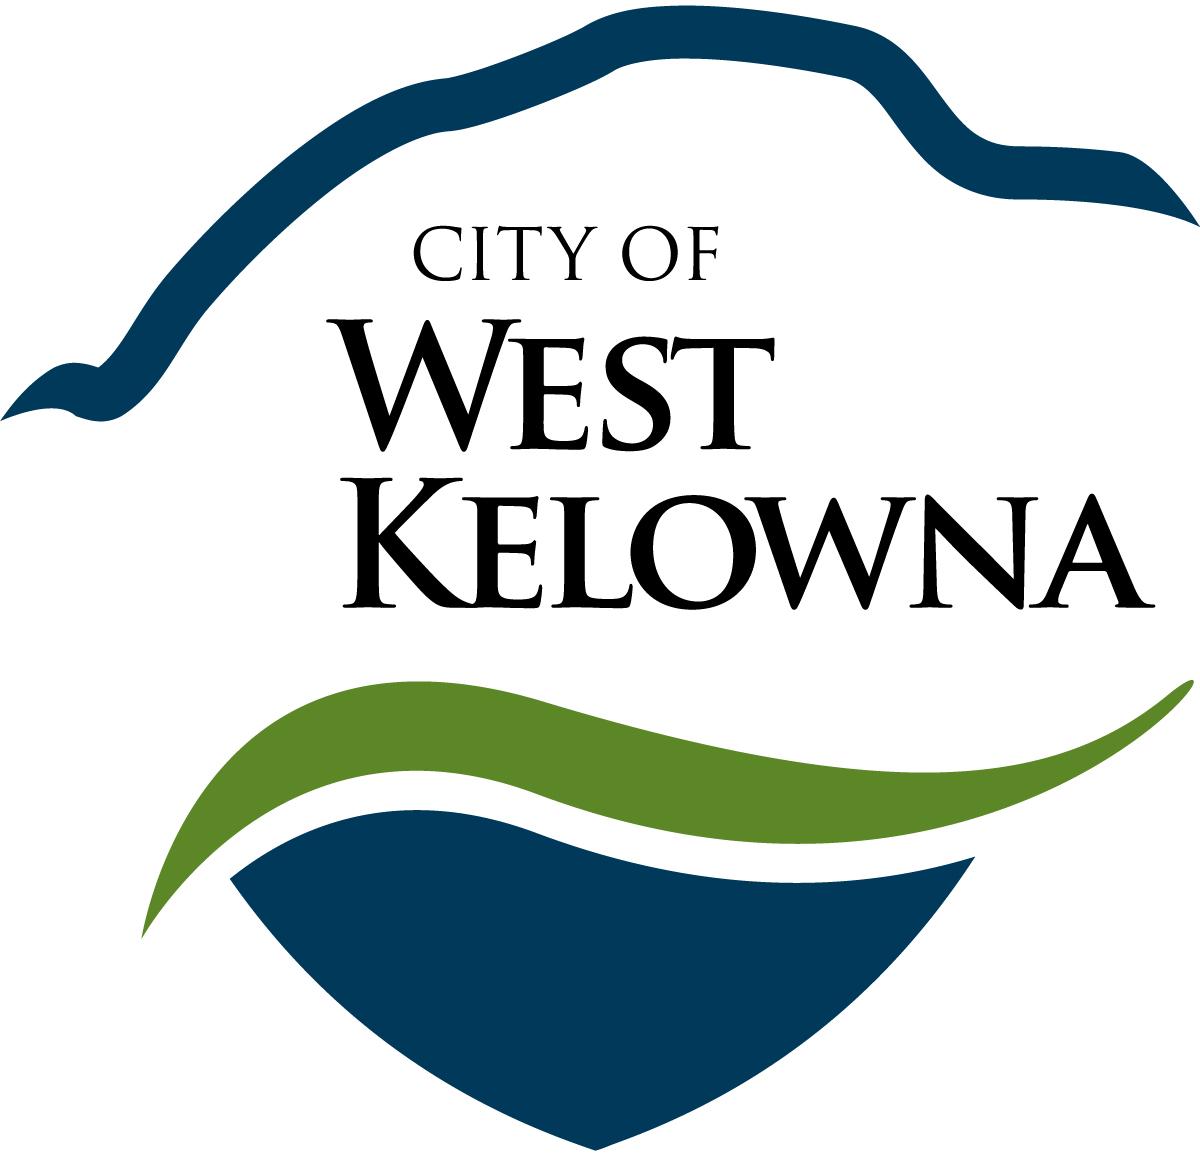 City of West Kelowna Website image